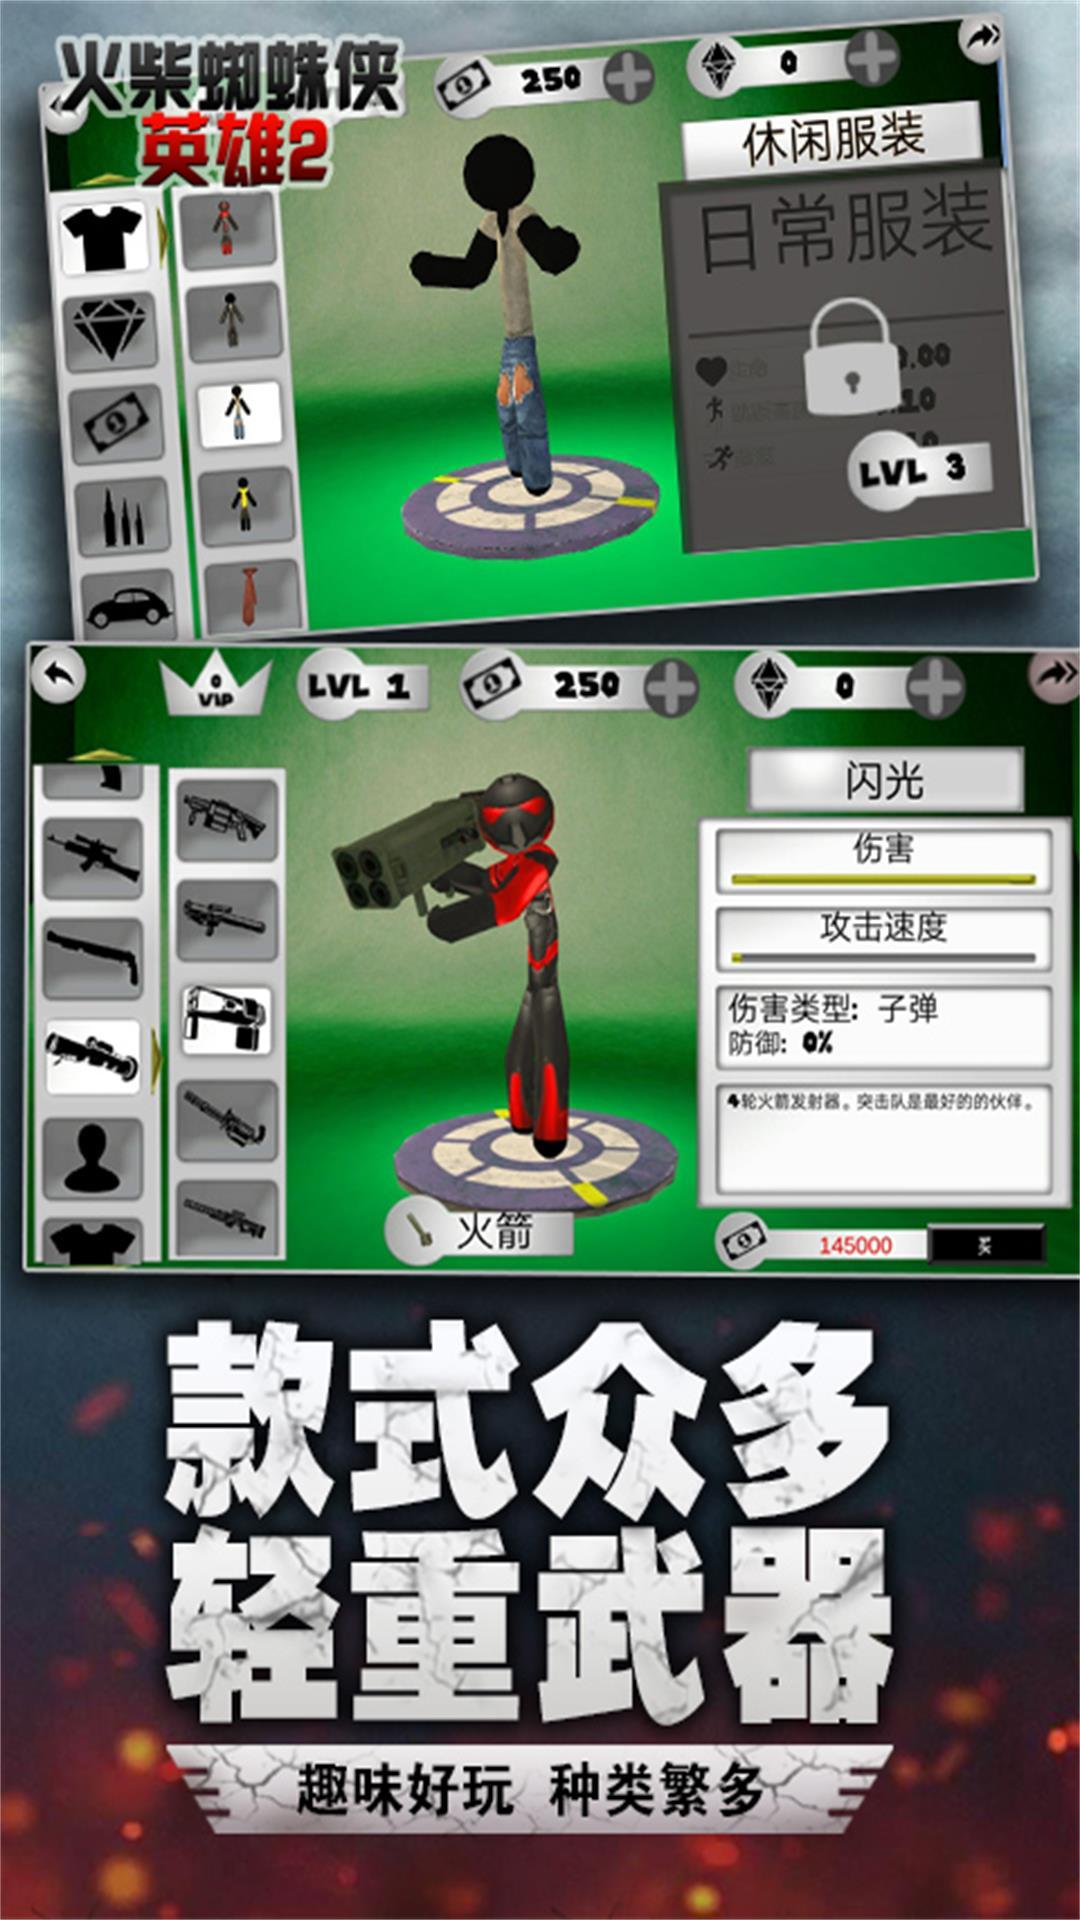 火柴蜘蛛侠英雄2中文破解版2.12截图0